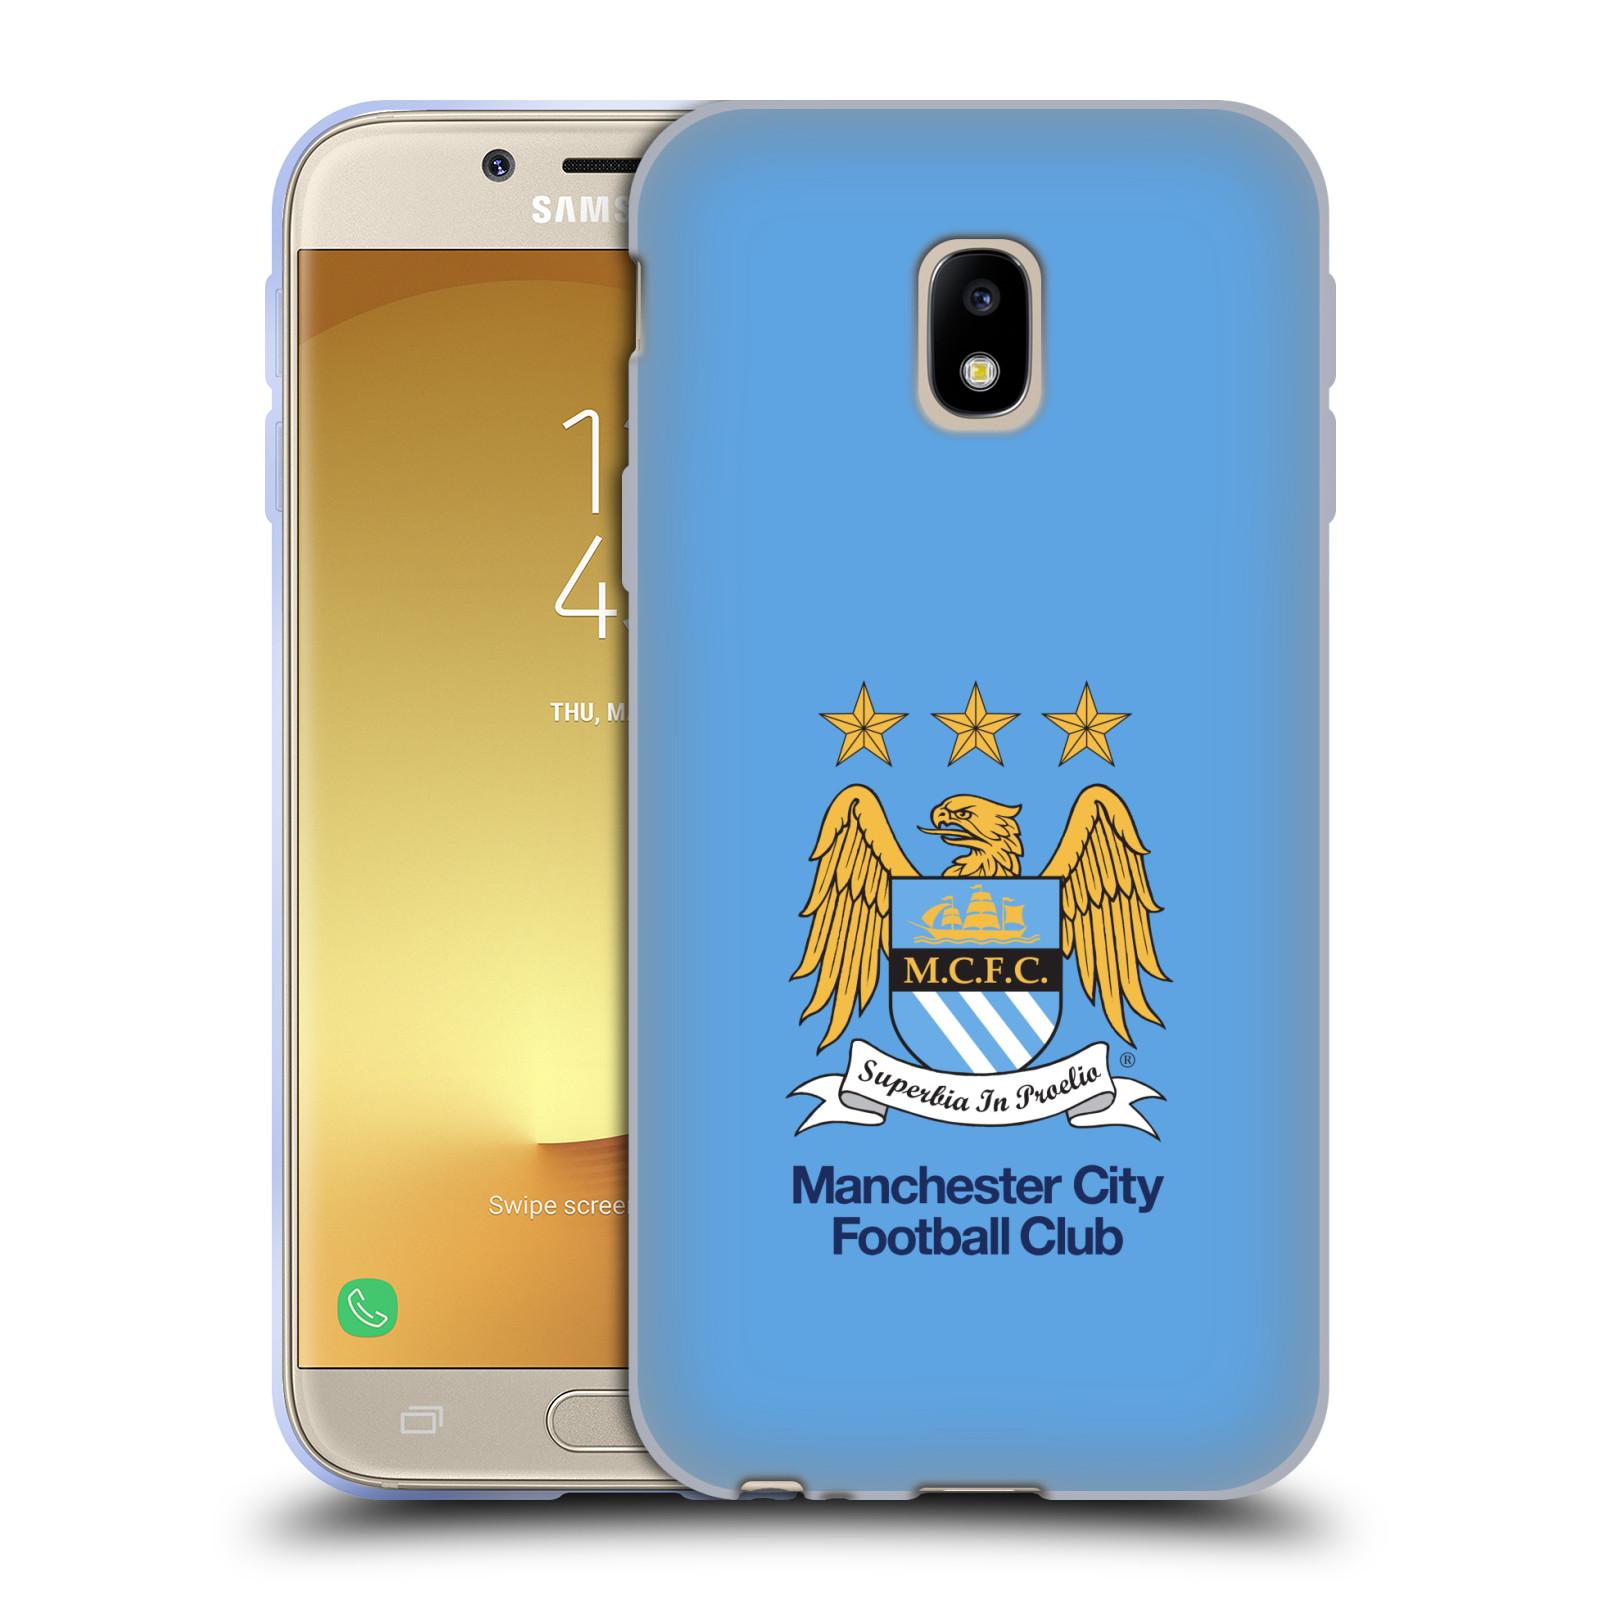 HEAD CASE silikonový obal na mobil Samsung Galaxy J3 2017 (J330, J330F) Fotbalový klub Manchester City nebesky modrá pozadí velký znak pták